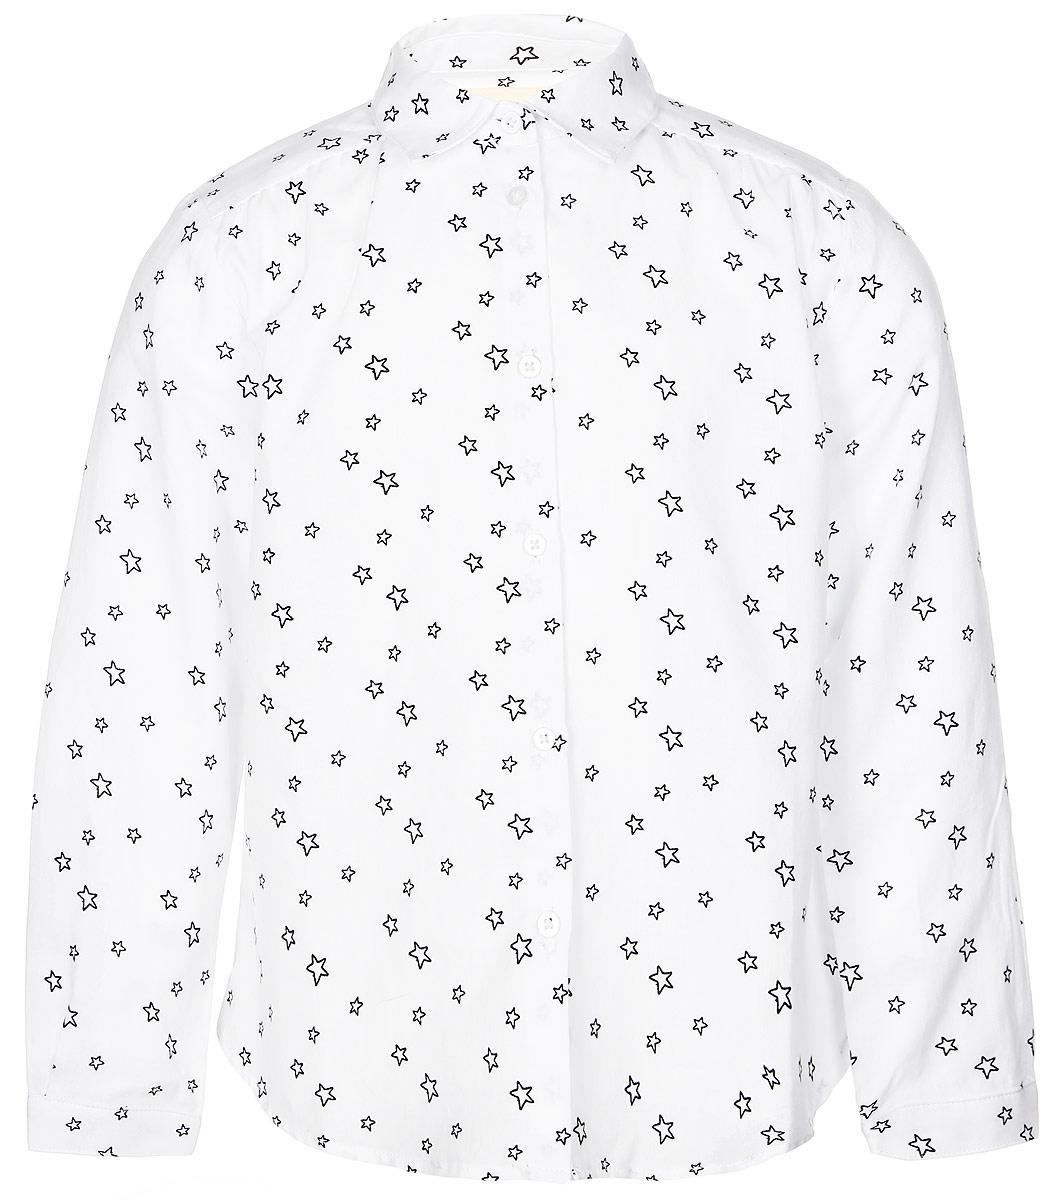 Рубашка для девочки Button Blue, цвет: белый, черный. 216BBGC22010201. Размер 110, 5 лет216BBGC22010201Стильная рубашка Button Blue выполнена из натурального 100% хлопка. Модель свободного трапециевидного кроя с длинными рукавами и отложным воротником застегивается на пуговицы по всей длине и оформлена оригинальным звездным принтом. На манжетах предусмотрены застежки-пуговицы. Спинка немного удлинена.